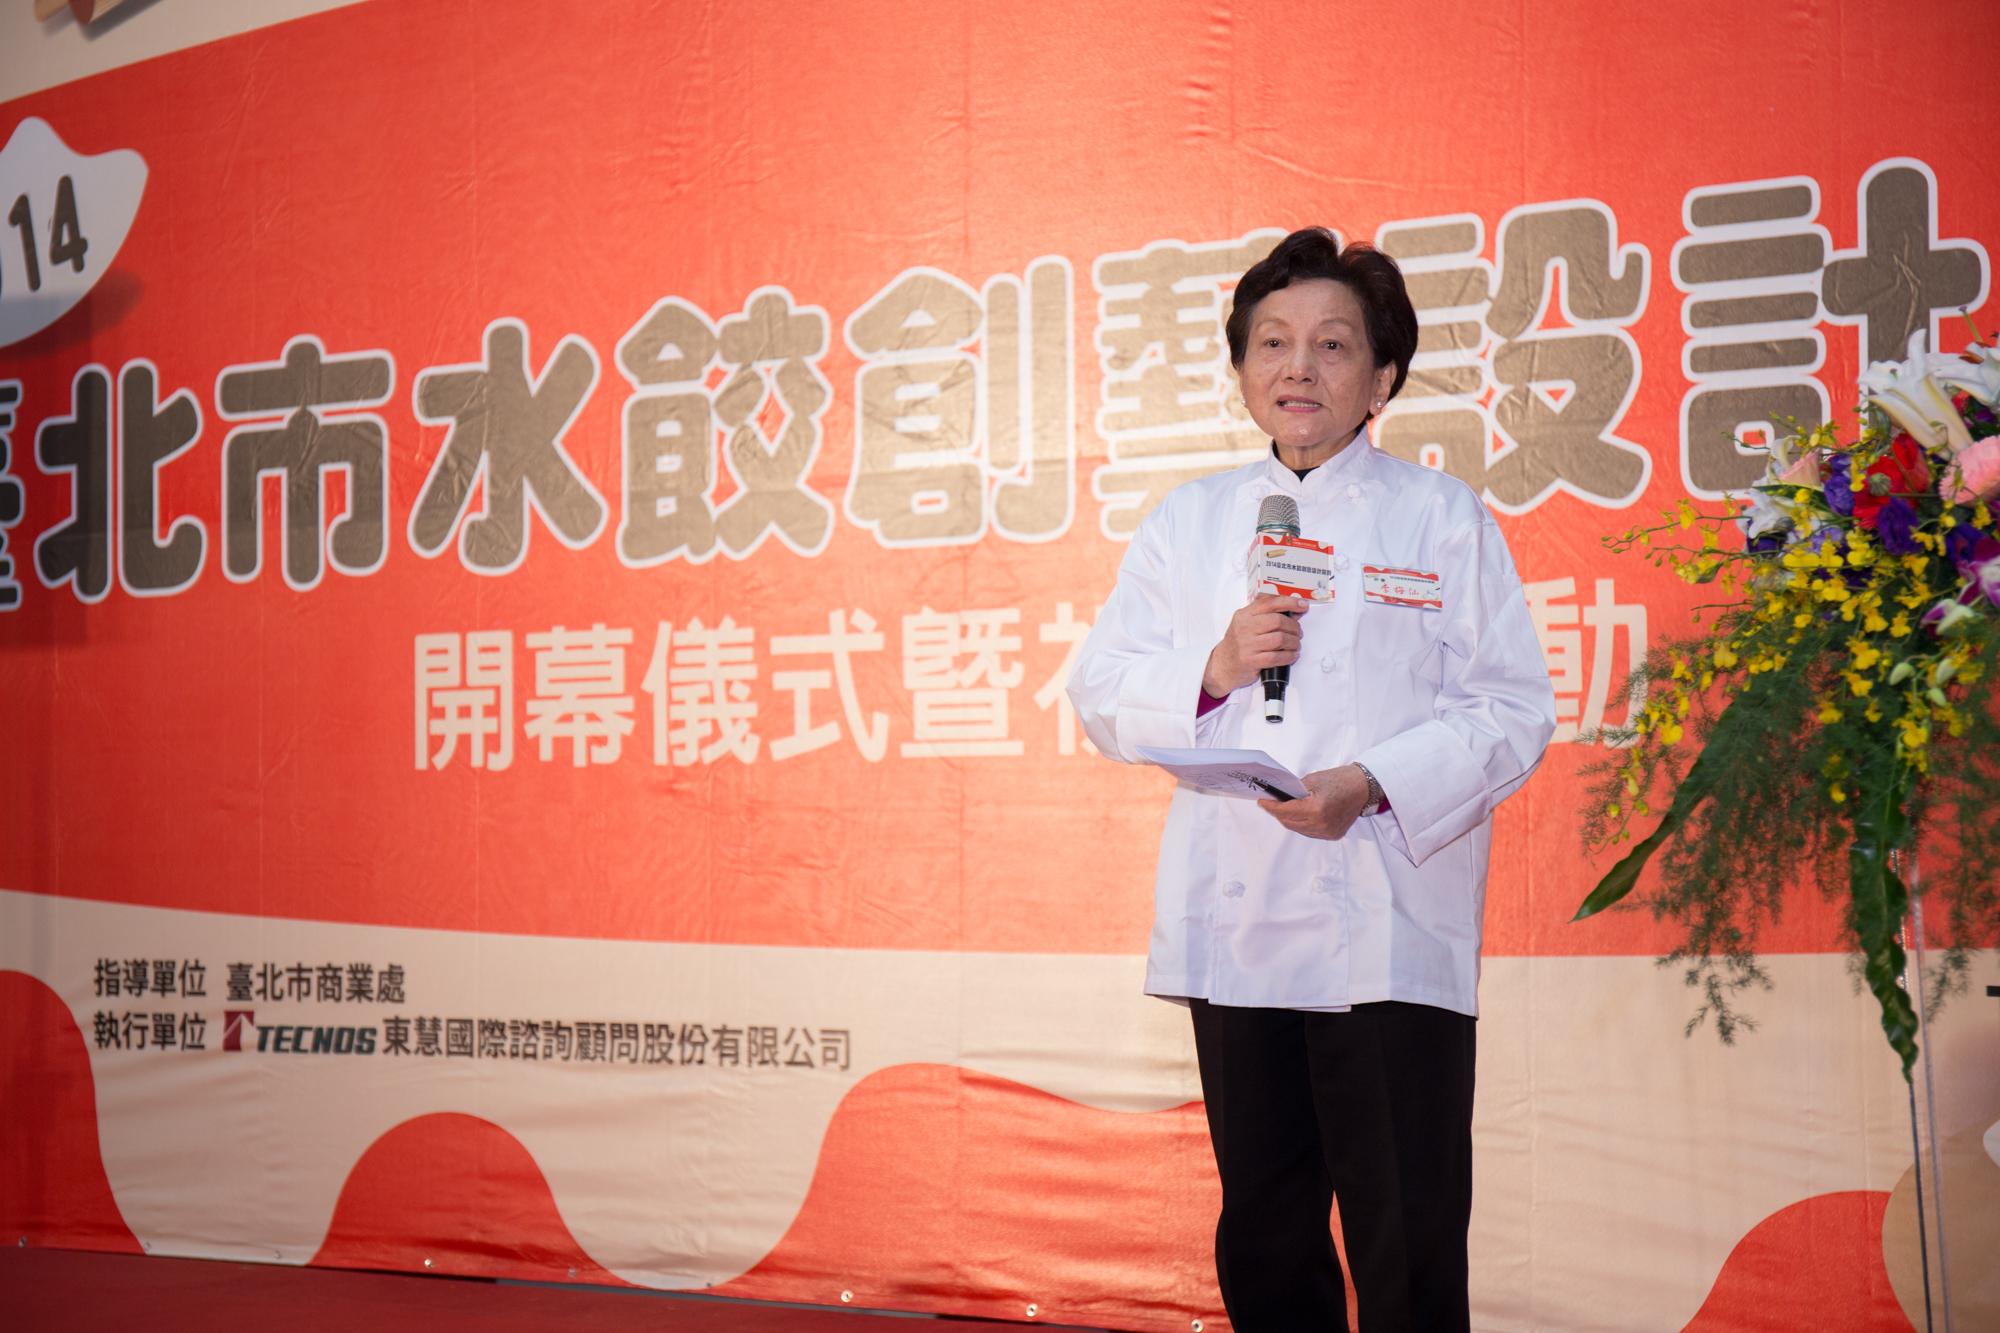 臺北市水餃創意設計競賽,台中婚錄推薦43